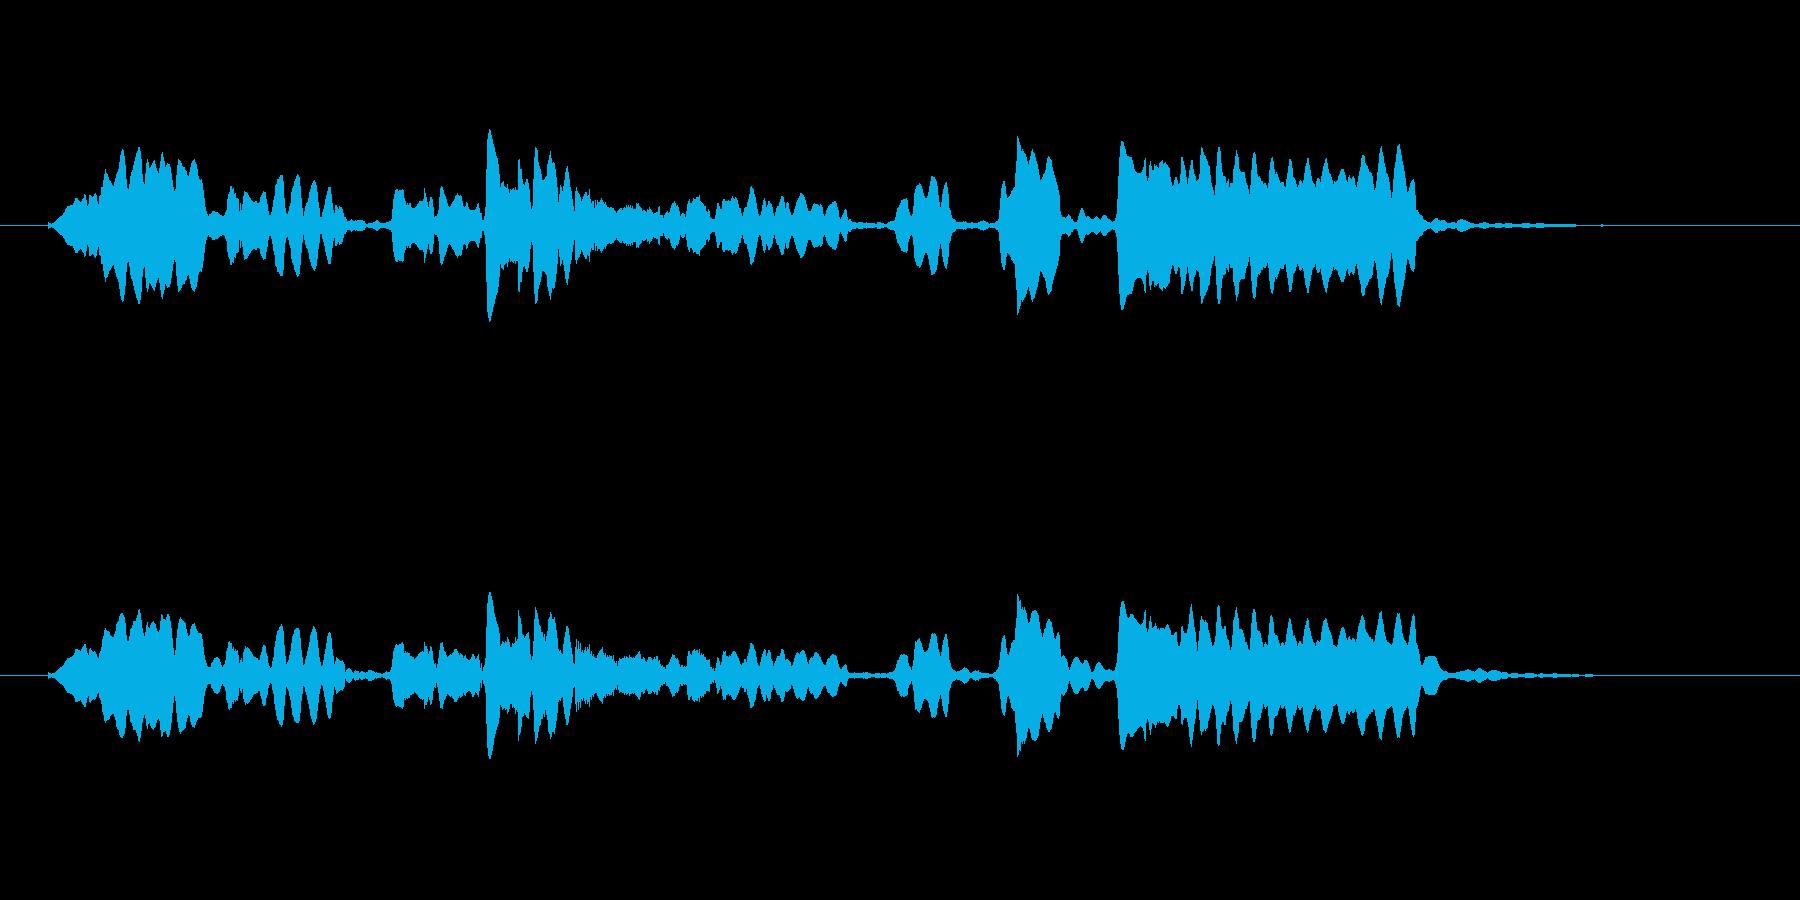 美しくゆったりした管楽器サウンドの再生済みの波形